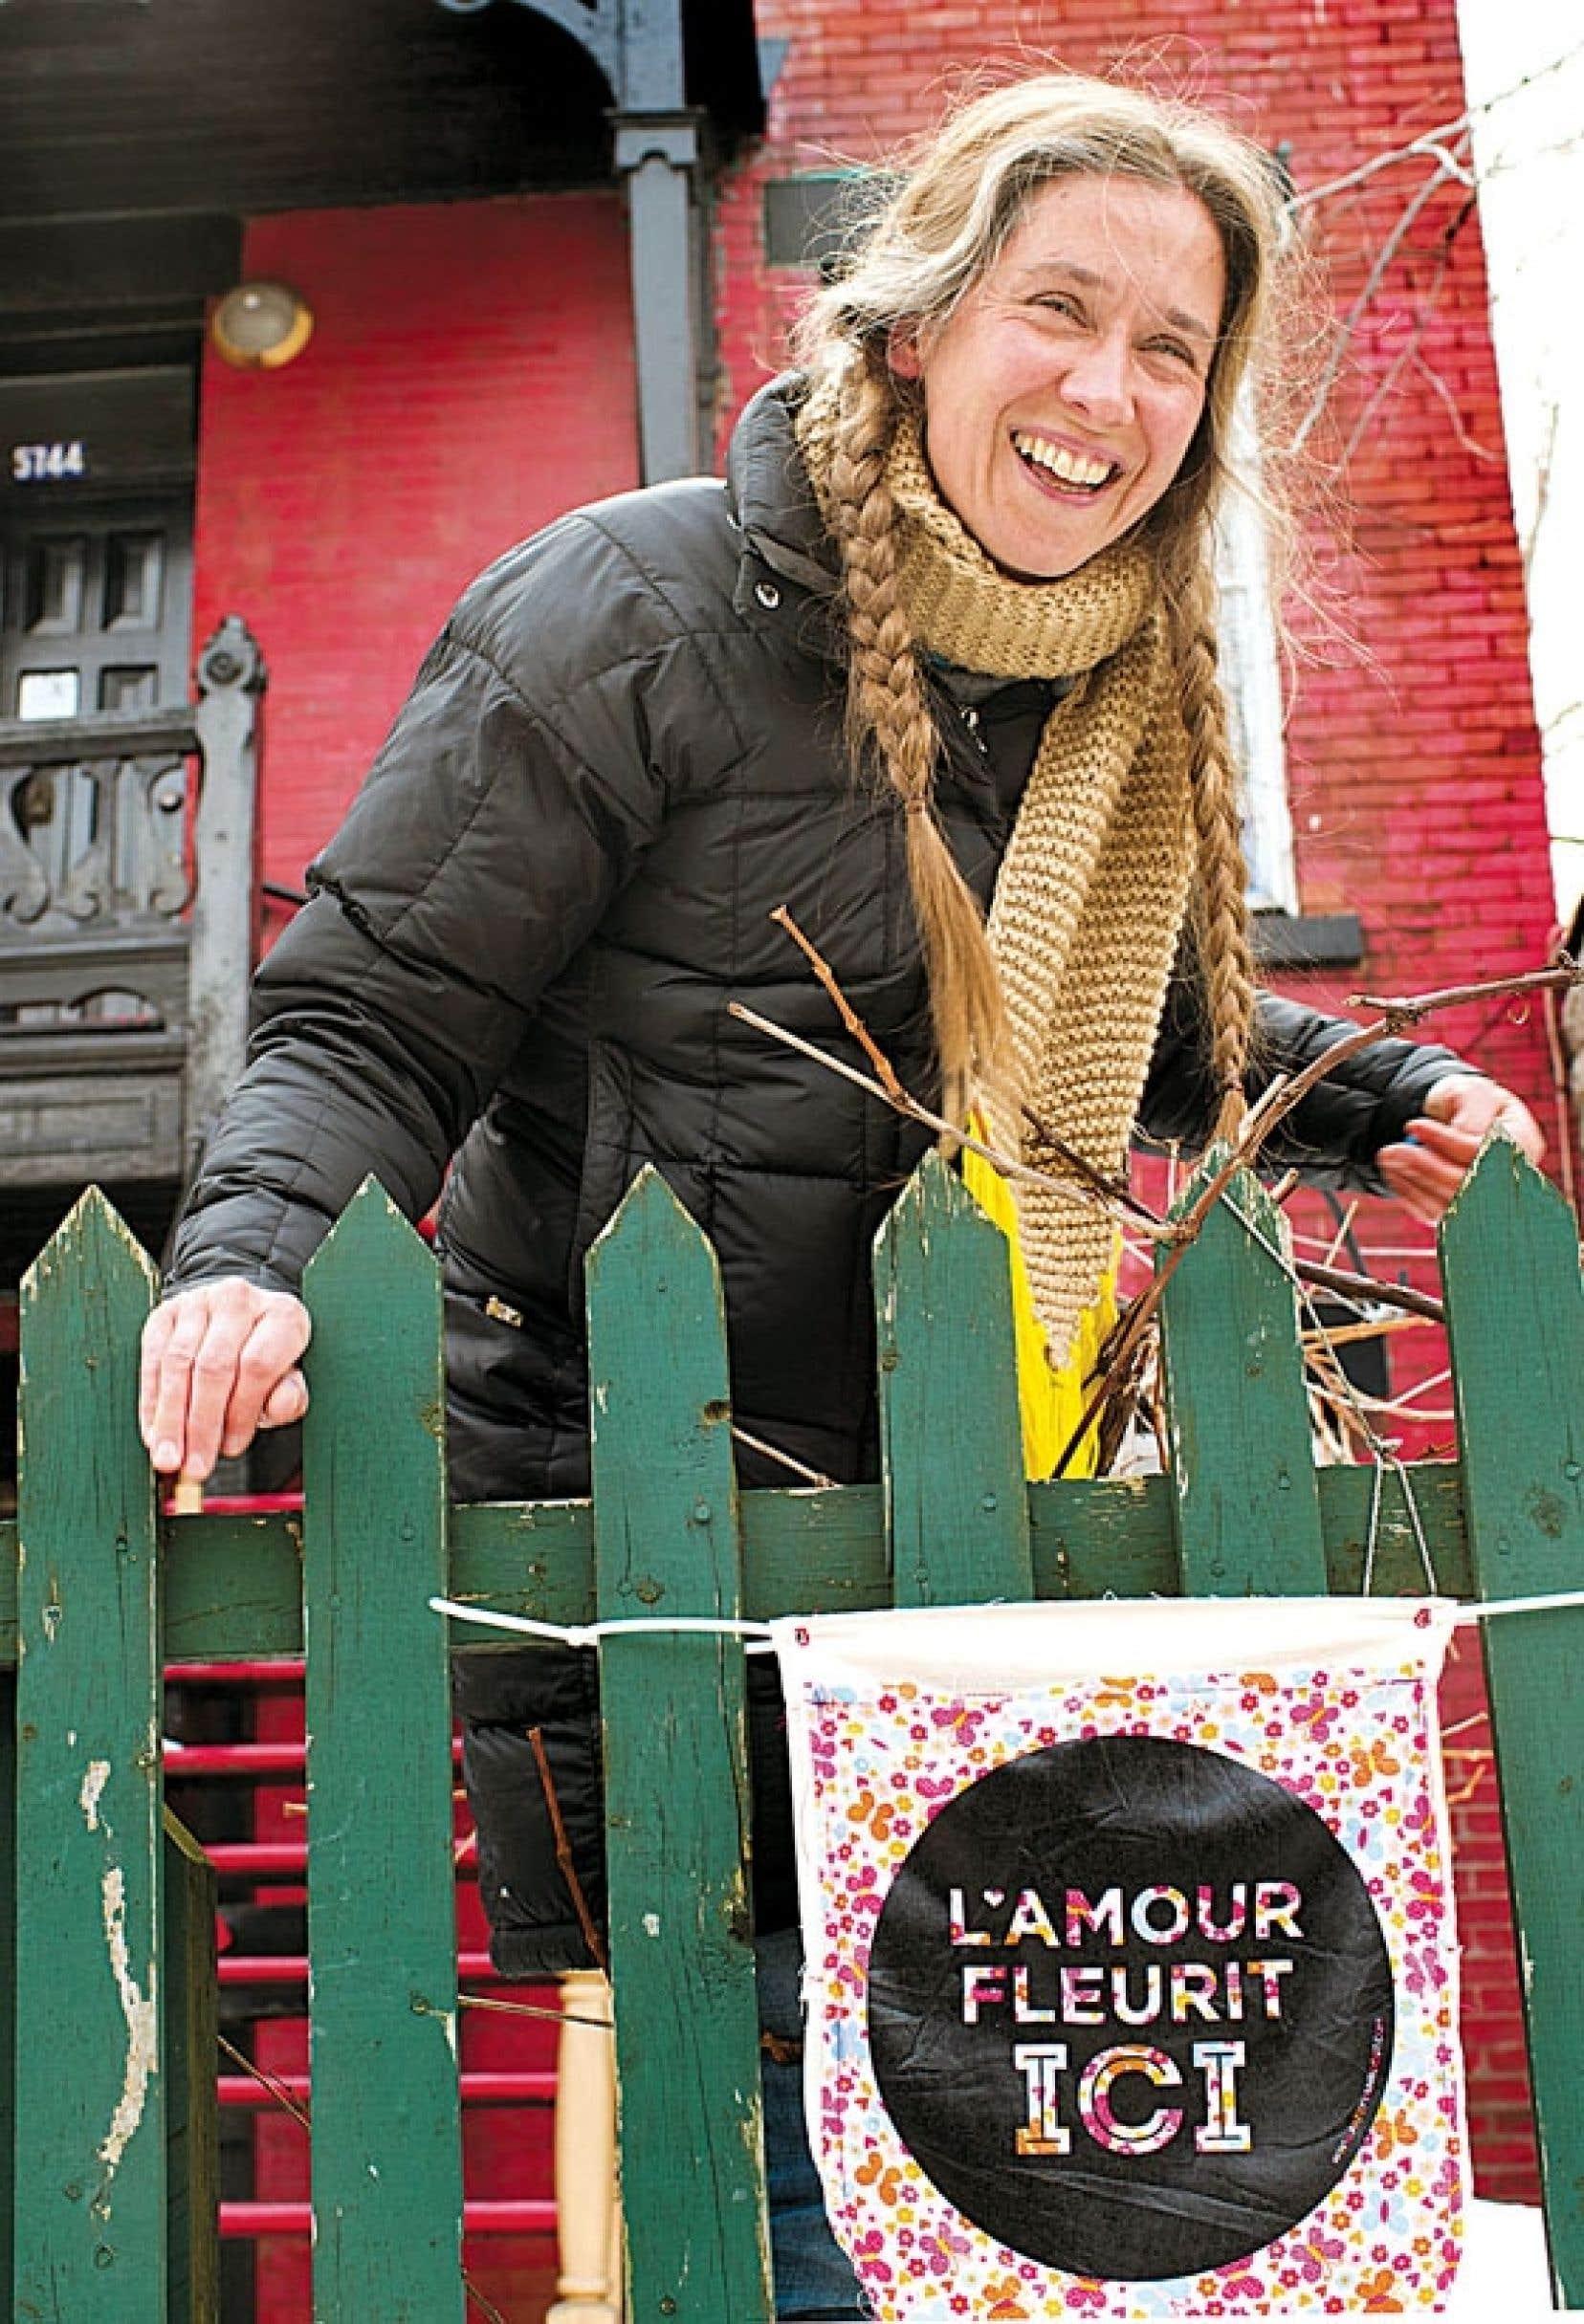 La fée du Mile-End, l'artiste Patsy Van Roost, célèbre la Saint-Valentin en mode communautaire, en invitant les citoyens du quartier à partager leurs recettes de l'amour, qu'elle sème ensuite dans tout le quartier, avec son projet L'amour fleurit ici.